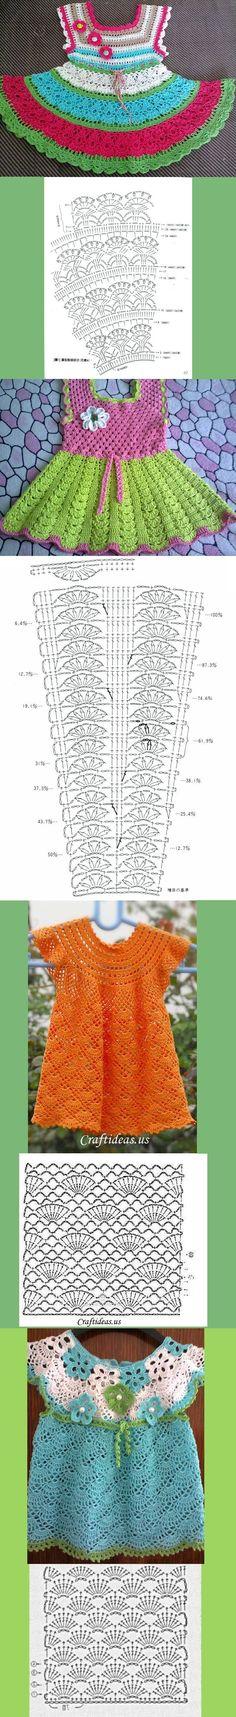 diagrammen om kinderjurkjes mee te haken